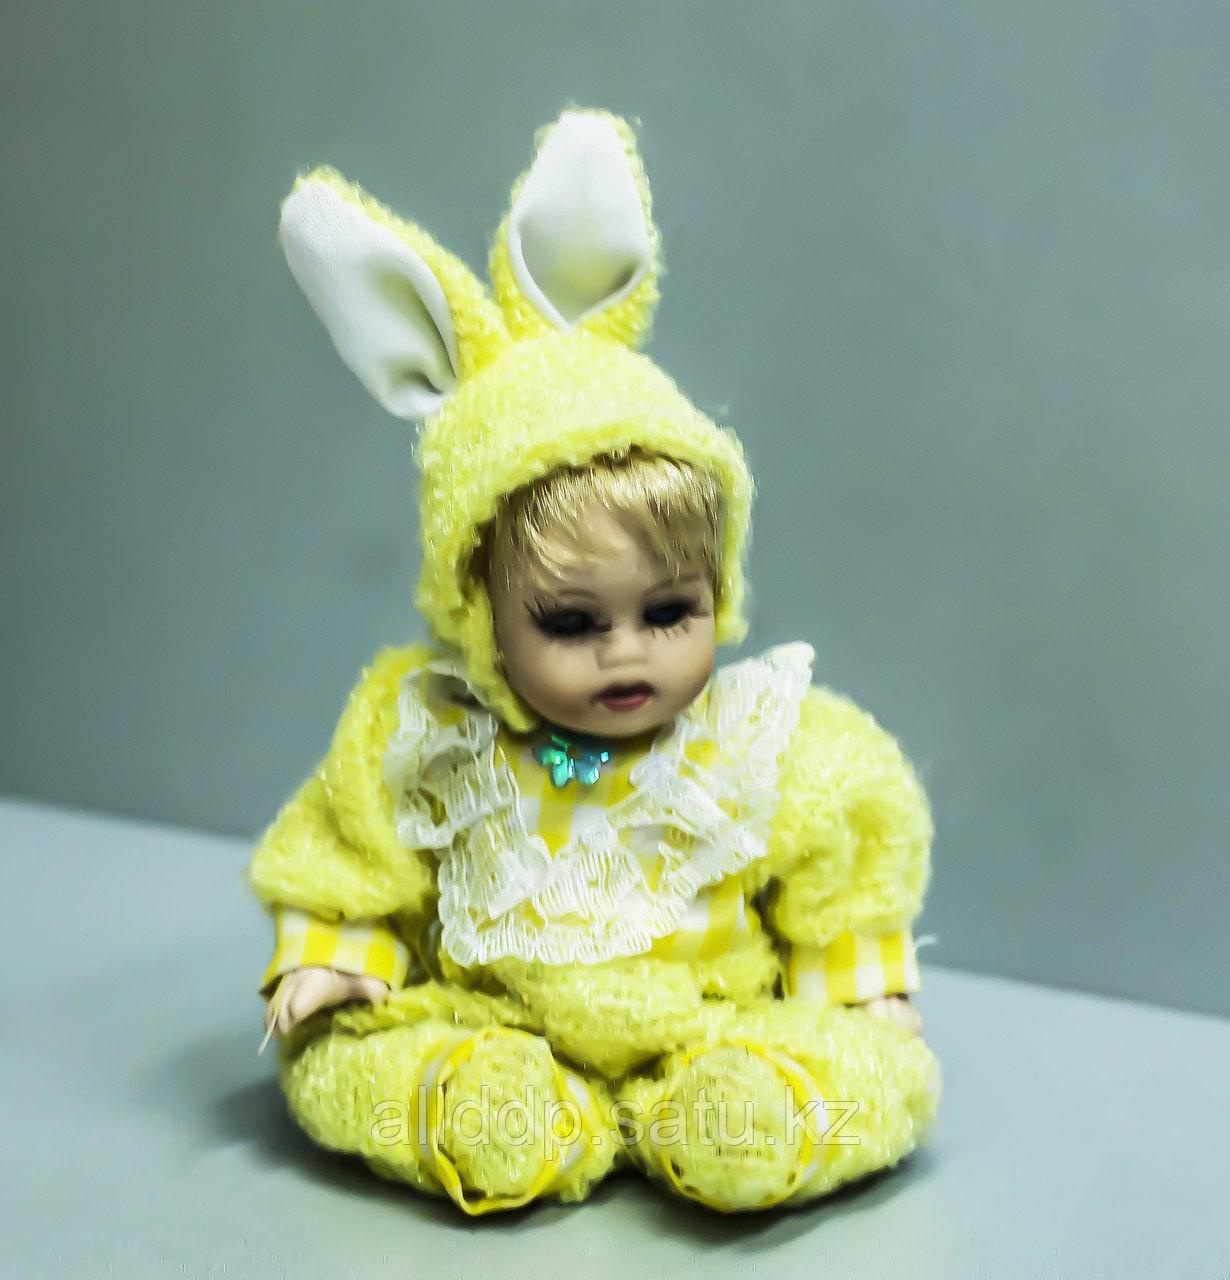 """Фигурка -сувенир """"Кукла в желтом костюме"""", 18см"""